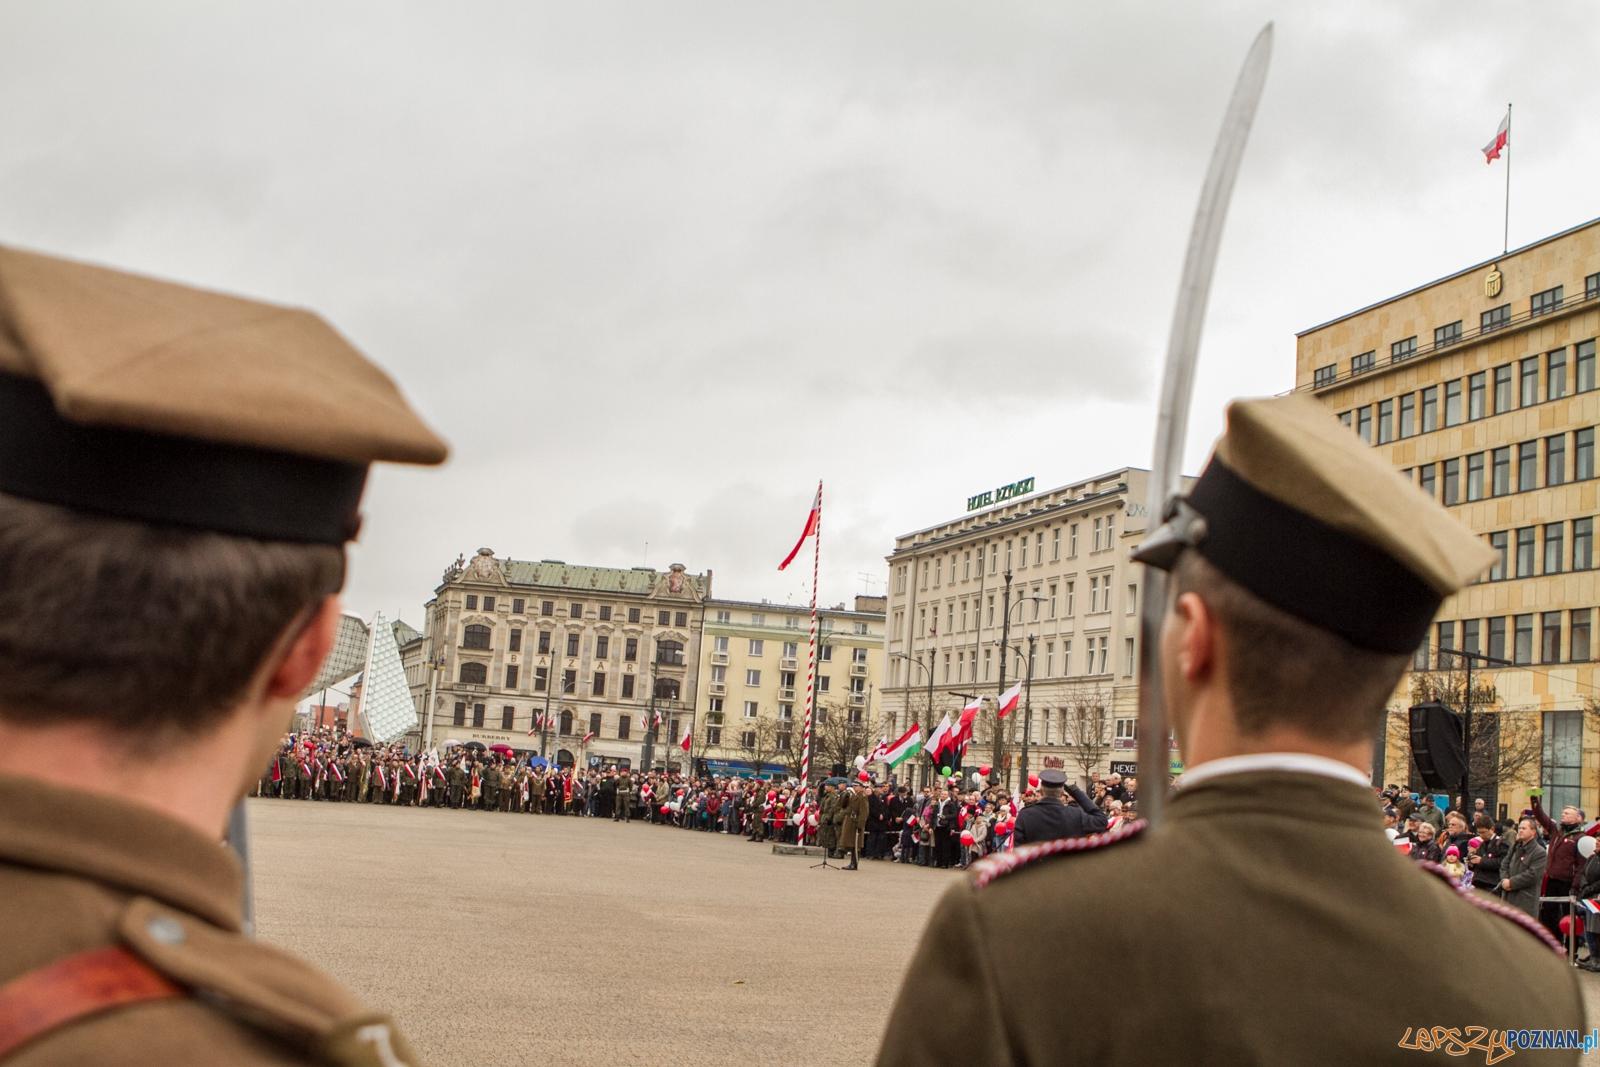 Narodowy Dzień Niepodległości 2015 - 11.11.2015 r.  Foto: LepszyPOZNAN.pl / Paweł Rychter